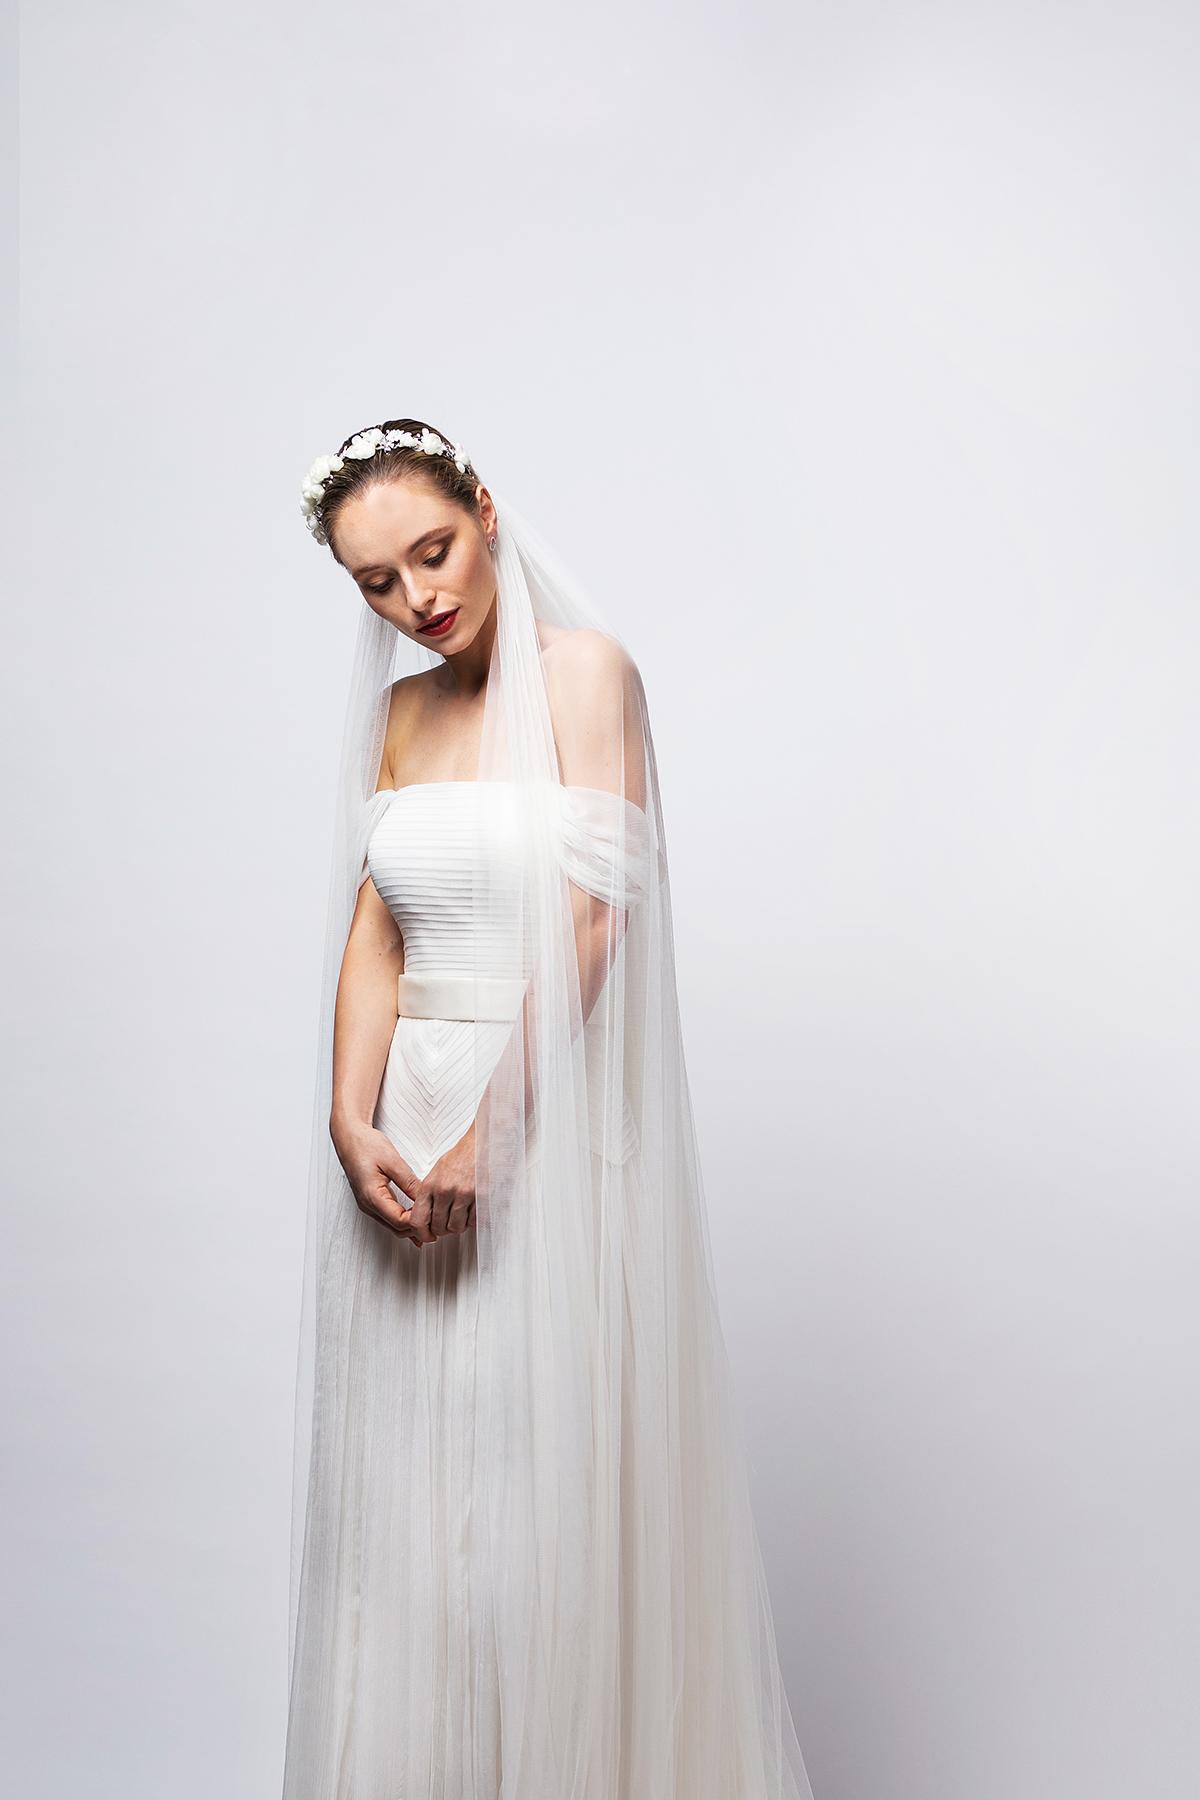 Fotoshooting Bridal Fashion - LUMENTIS Fotostudio Berlin Friedrichshain © www.hochzeitslicht.de